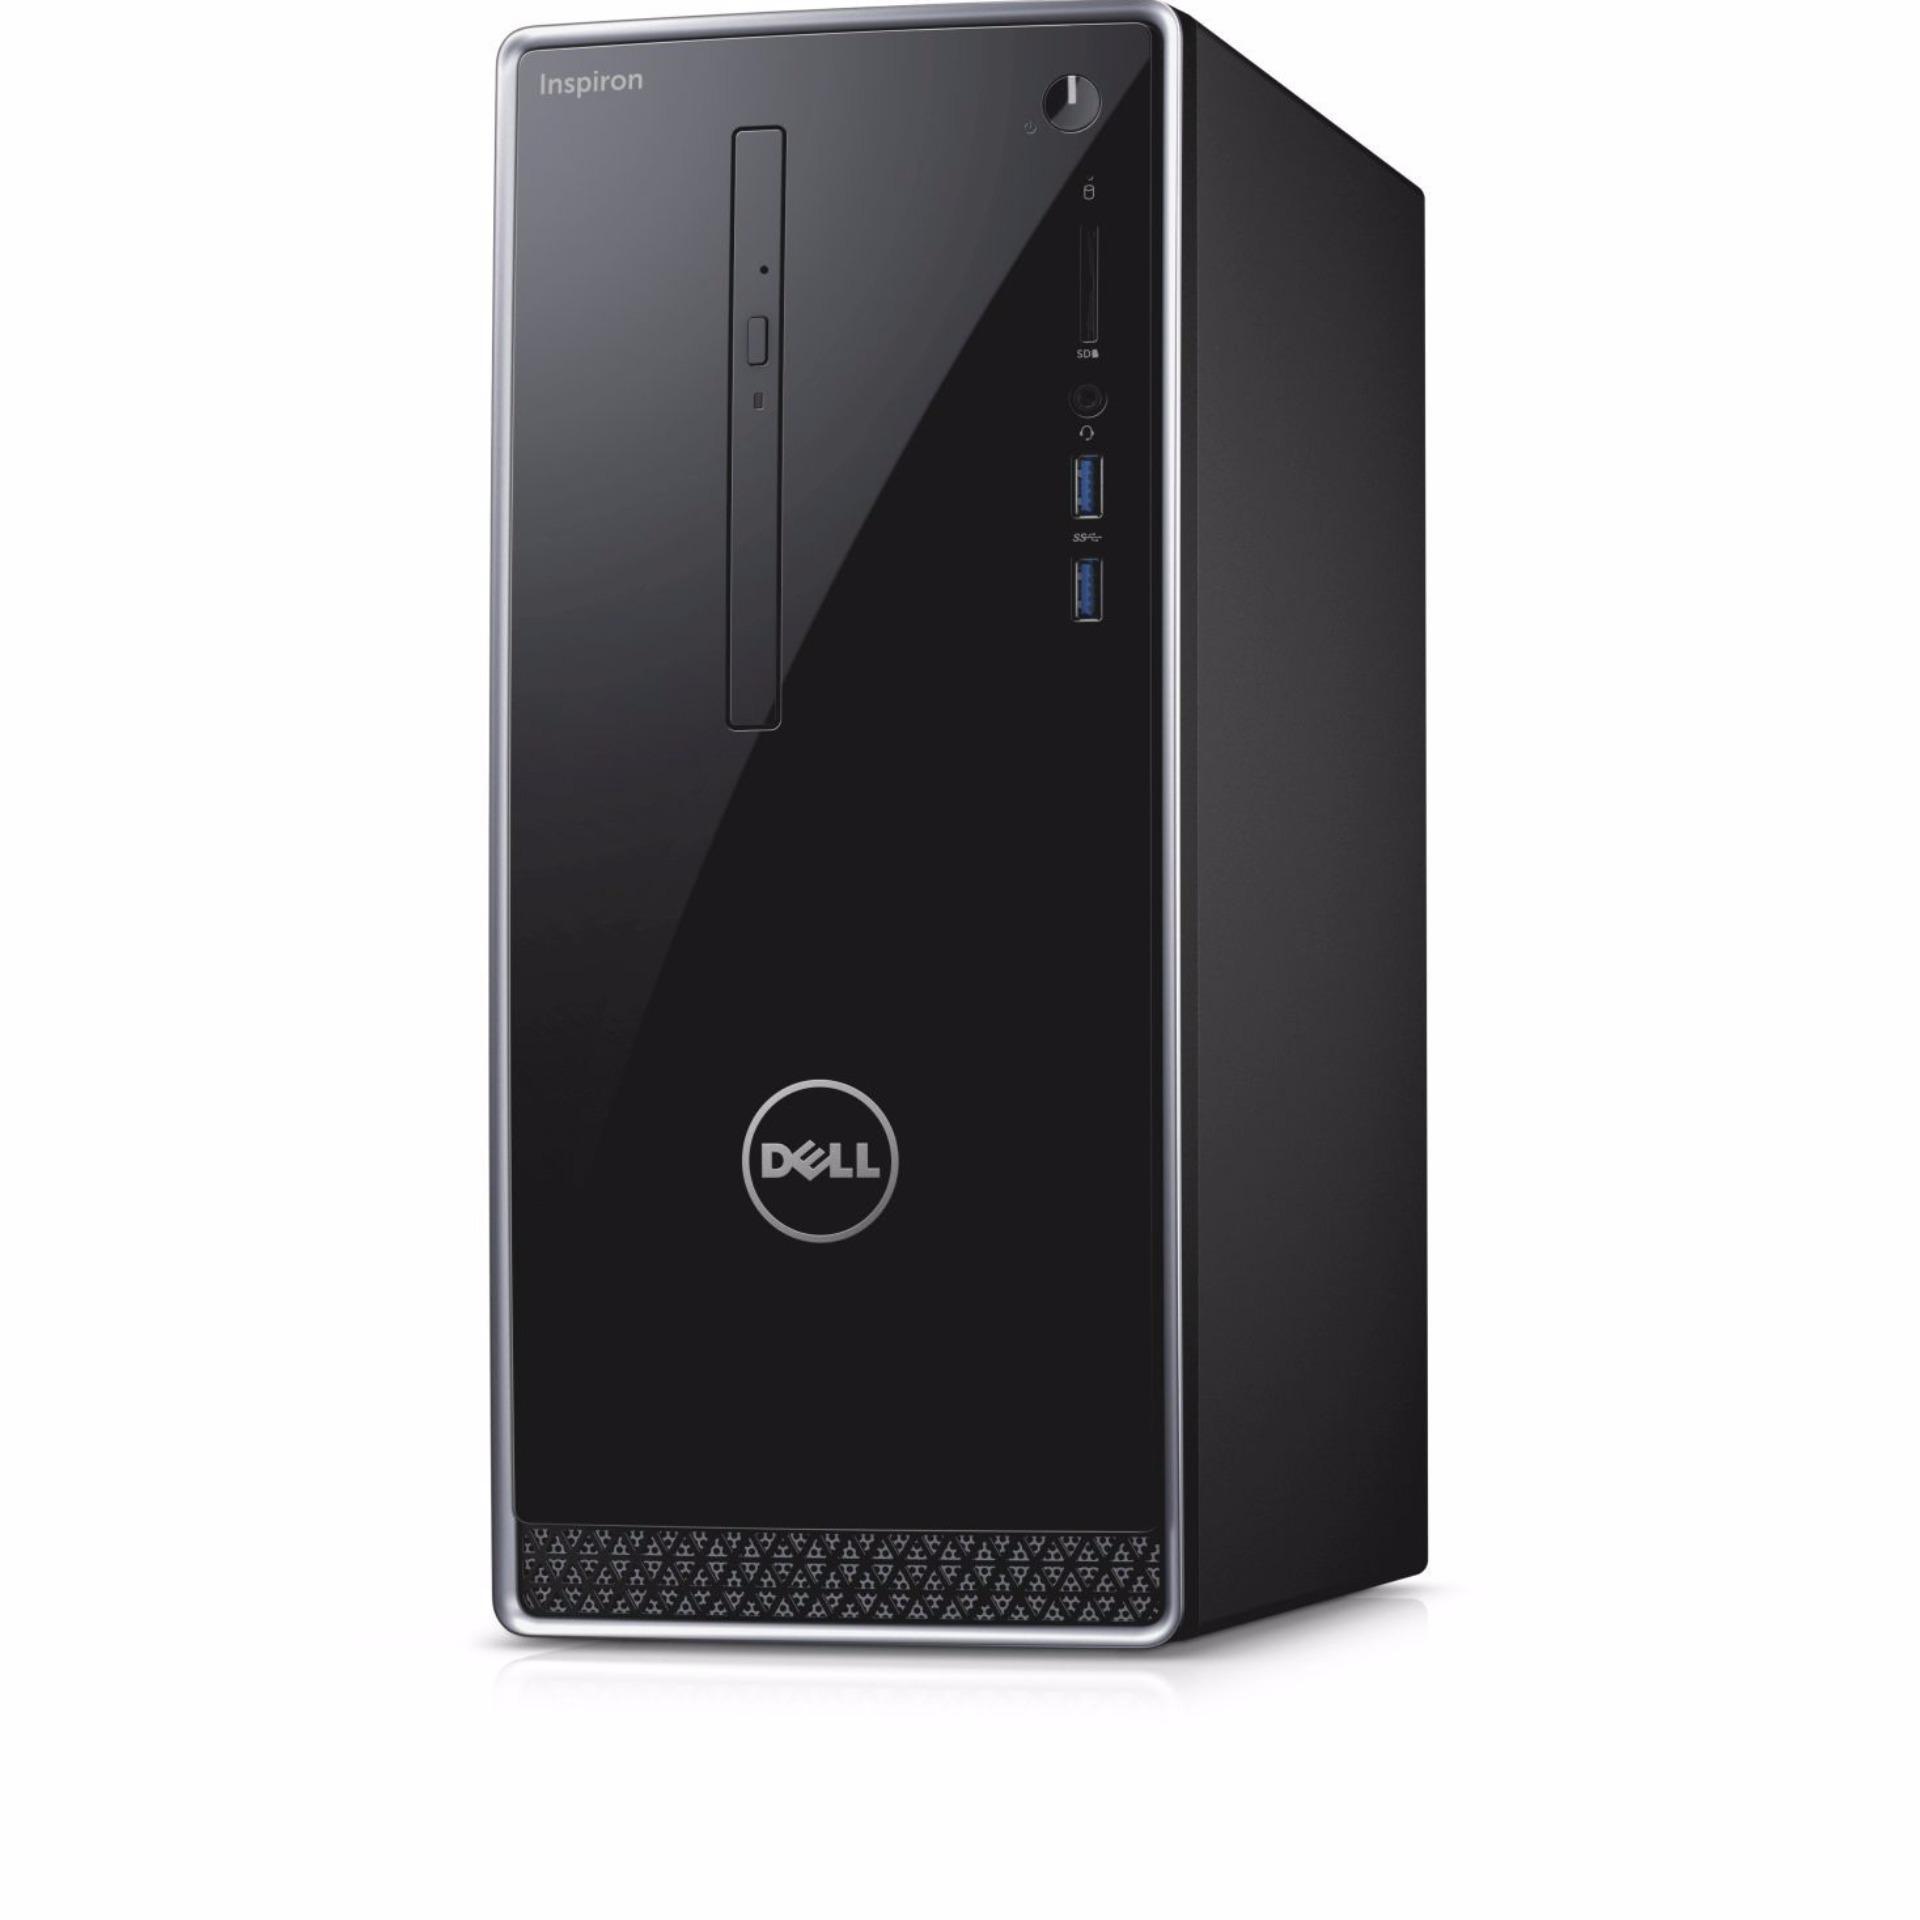 DELL 3268-740812G-W10-BLK CPU INTEL CORE I5-7400 8GB 1TB HDD WIN 10 HOME